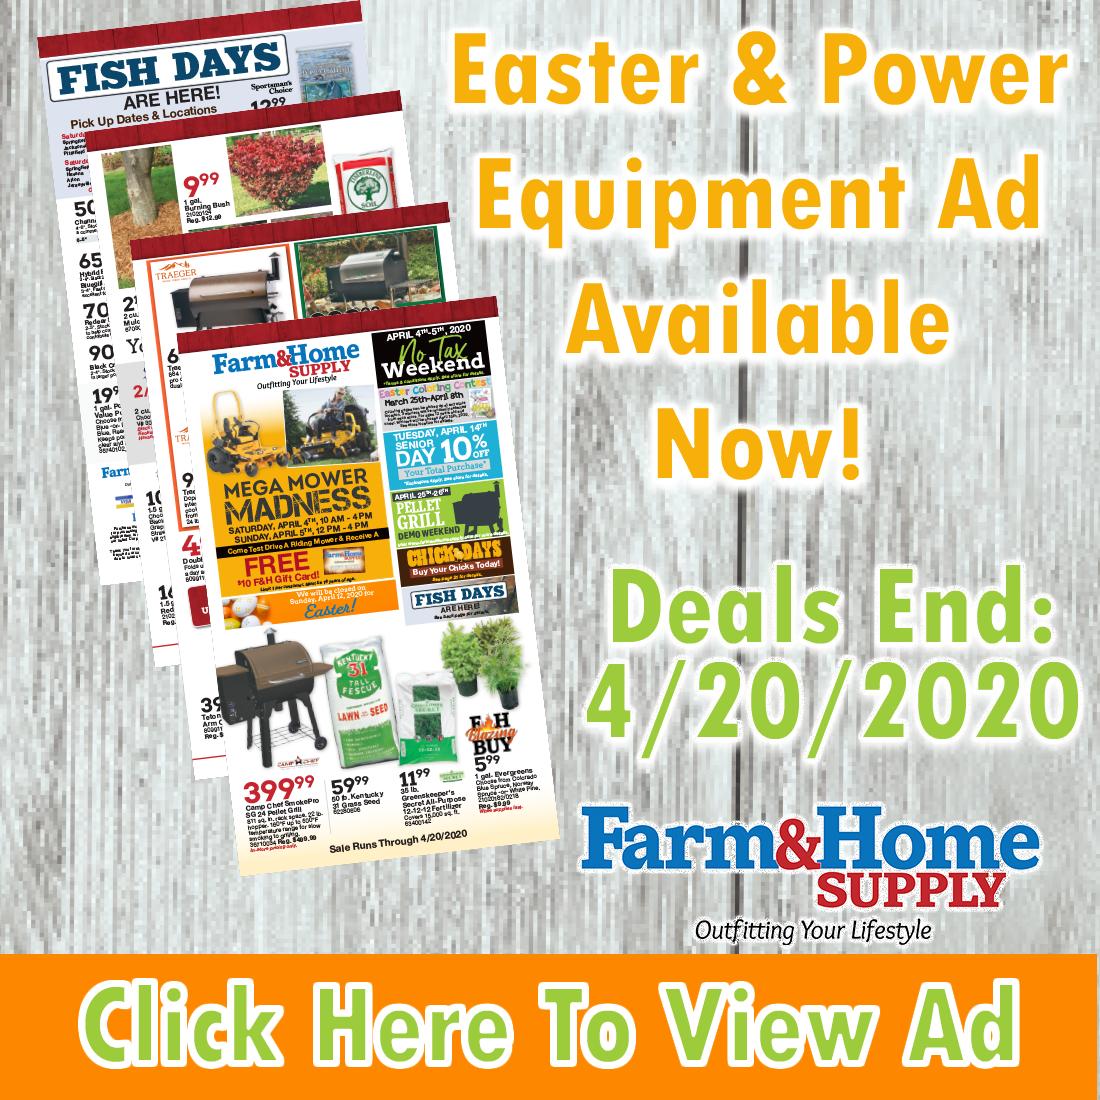 Easter & Power Equipment